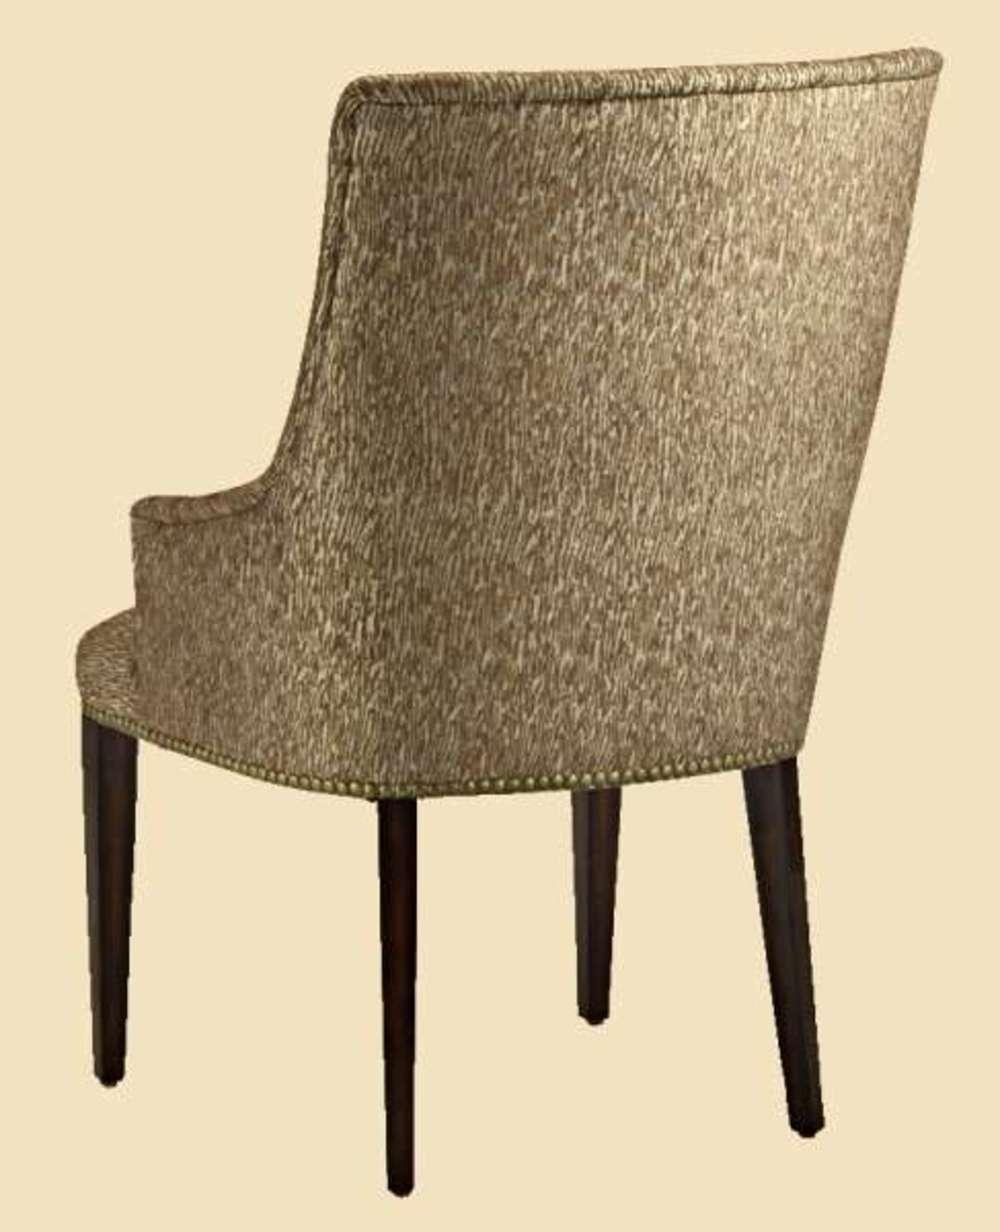 Marge Carson - Venice Beach Arm Chair